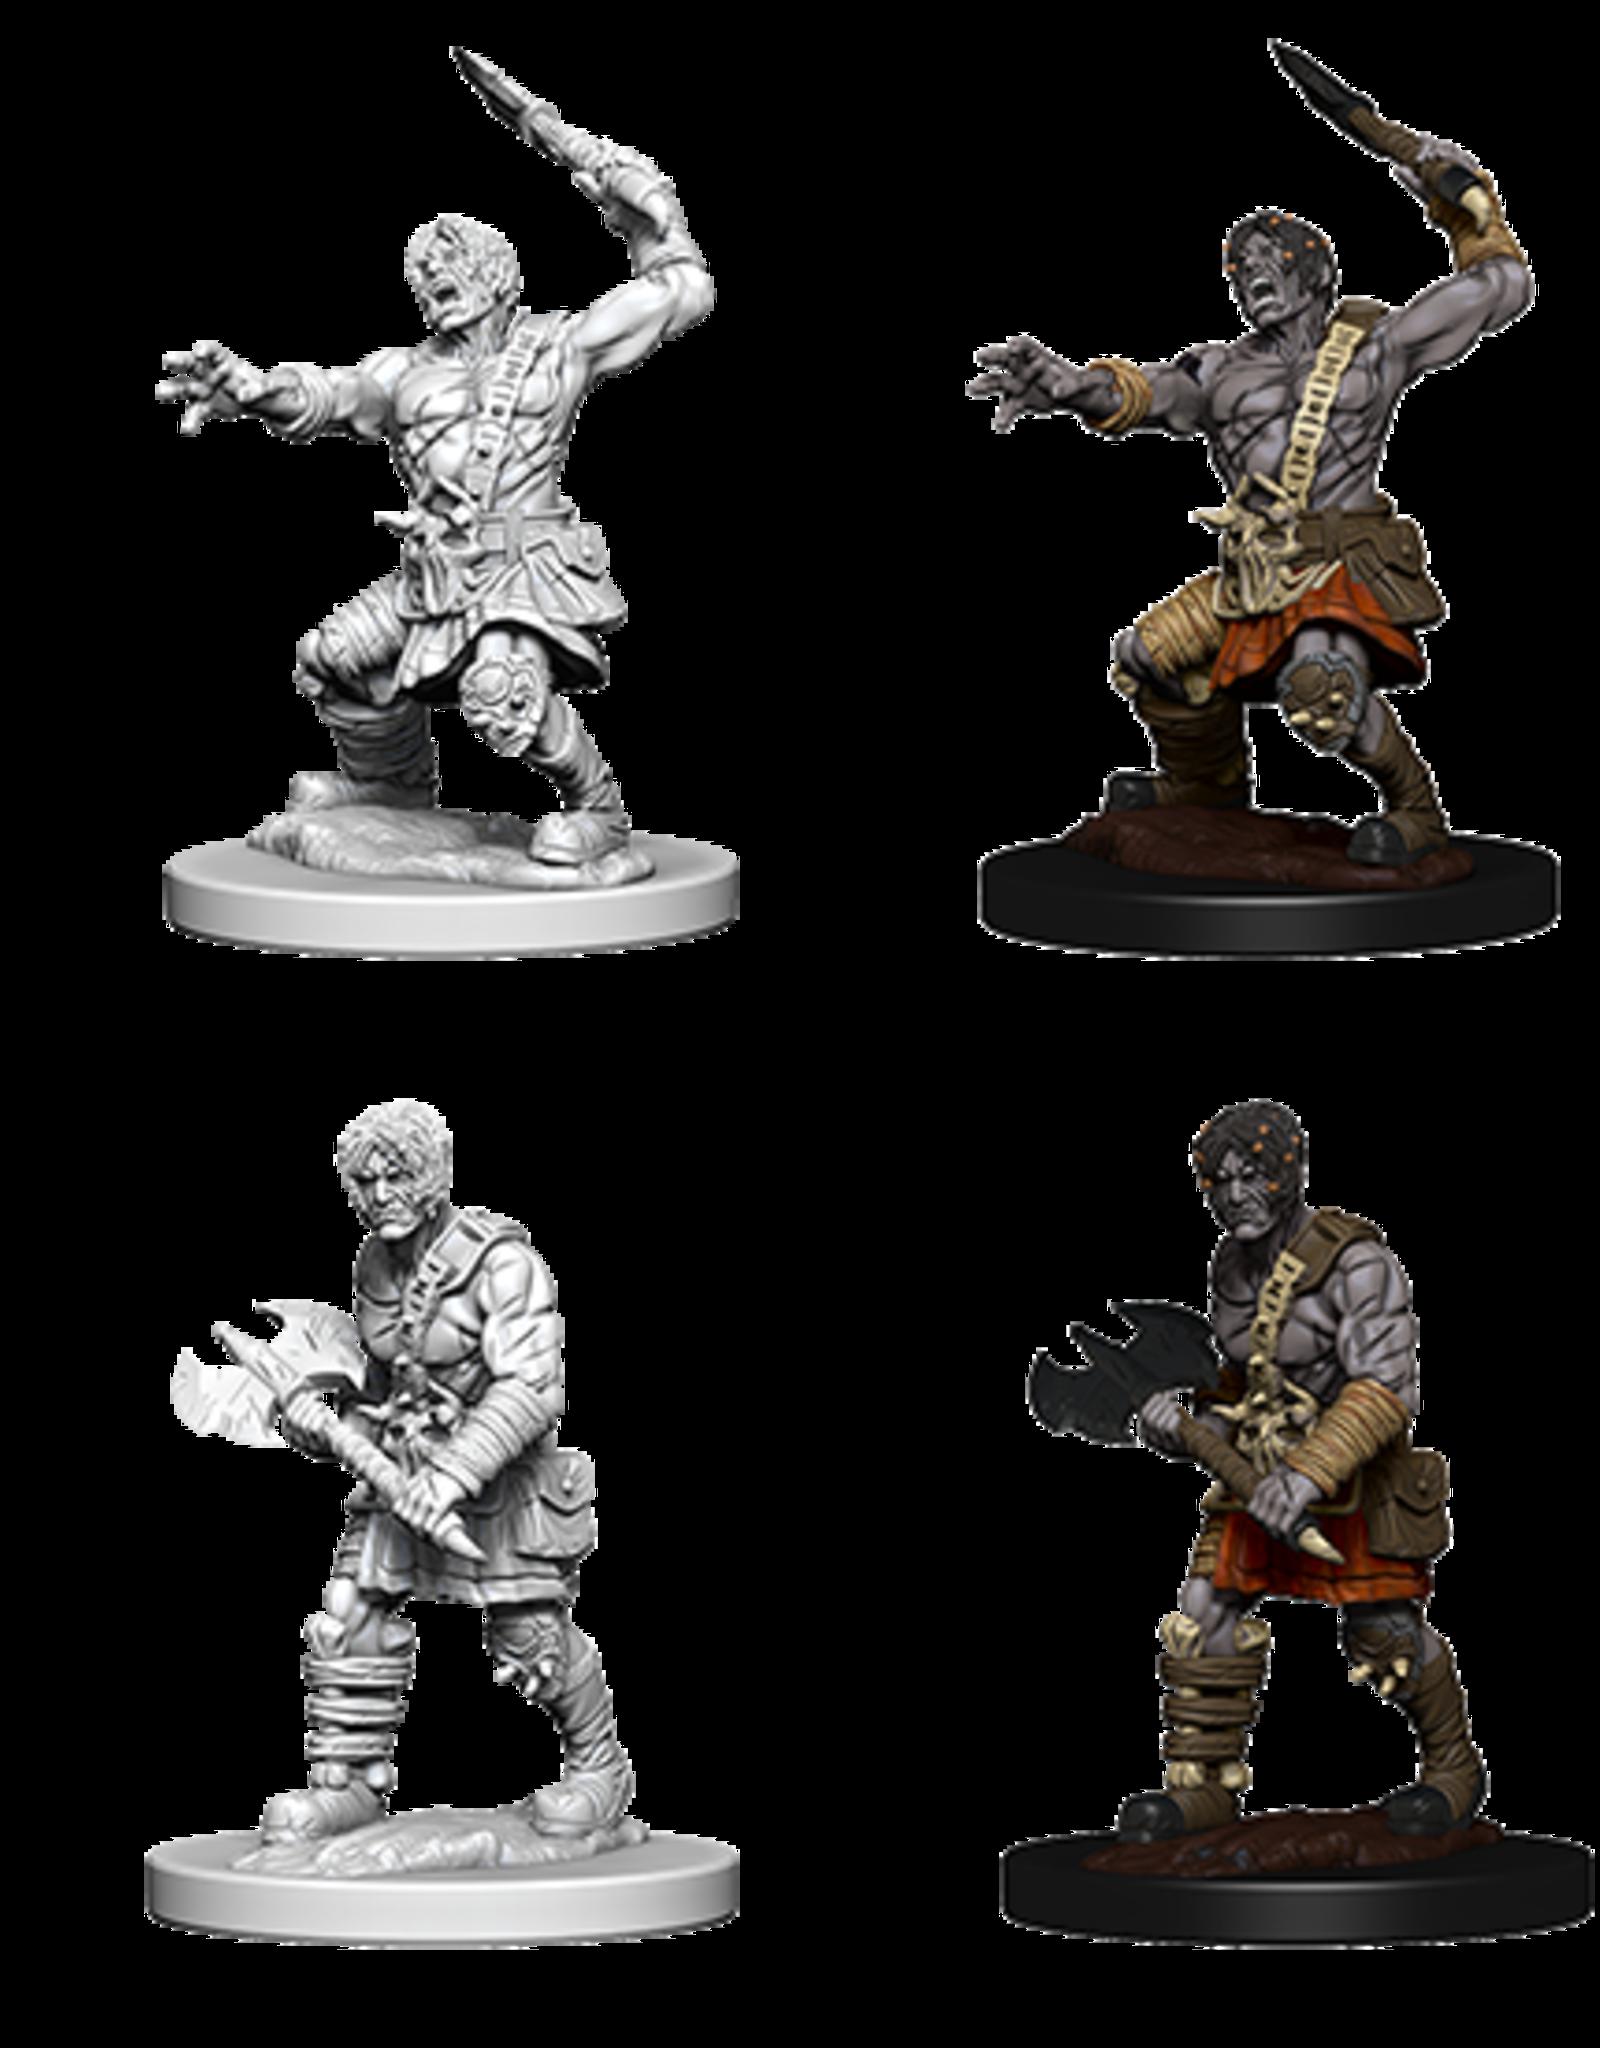 Nolzur's Marvelous Miniatures D&D D&D NMU - Nameless One